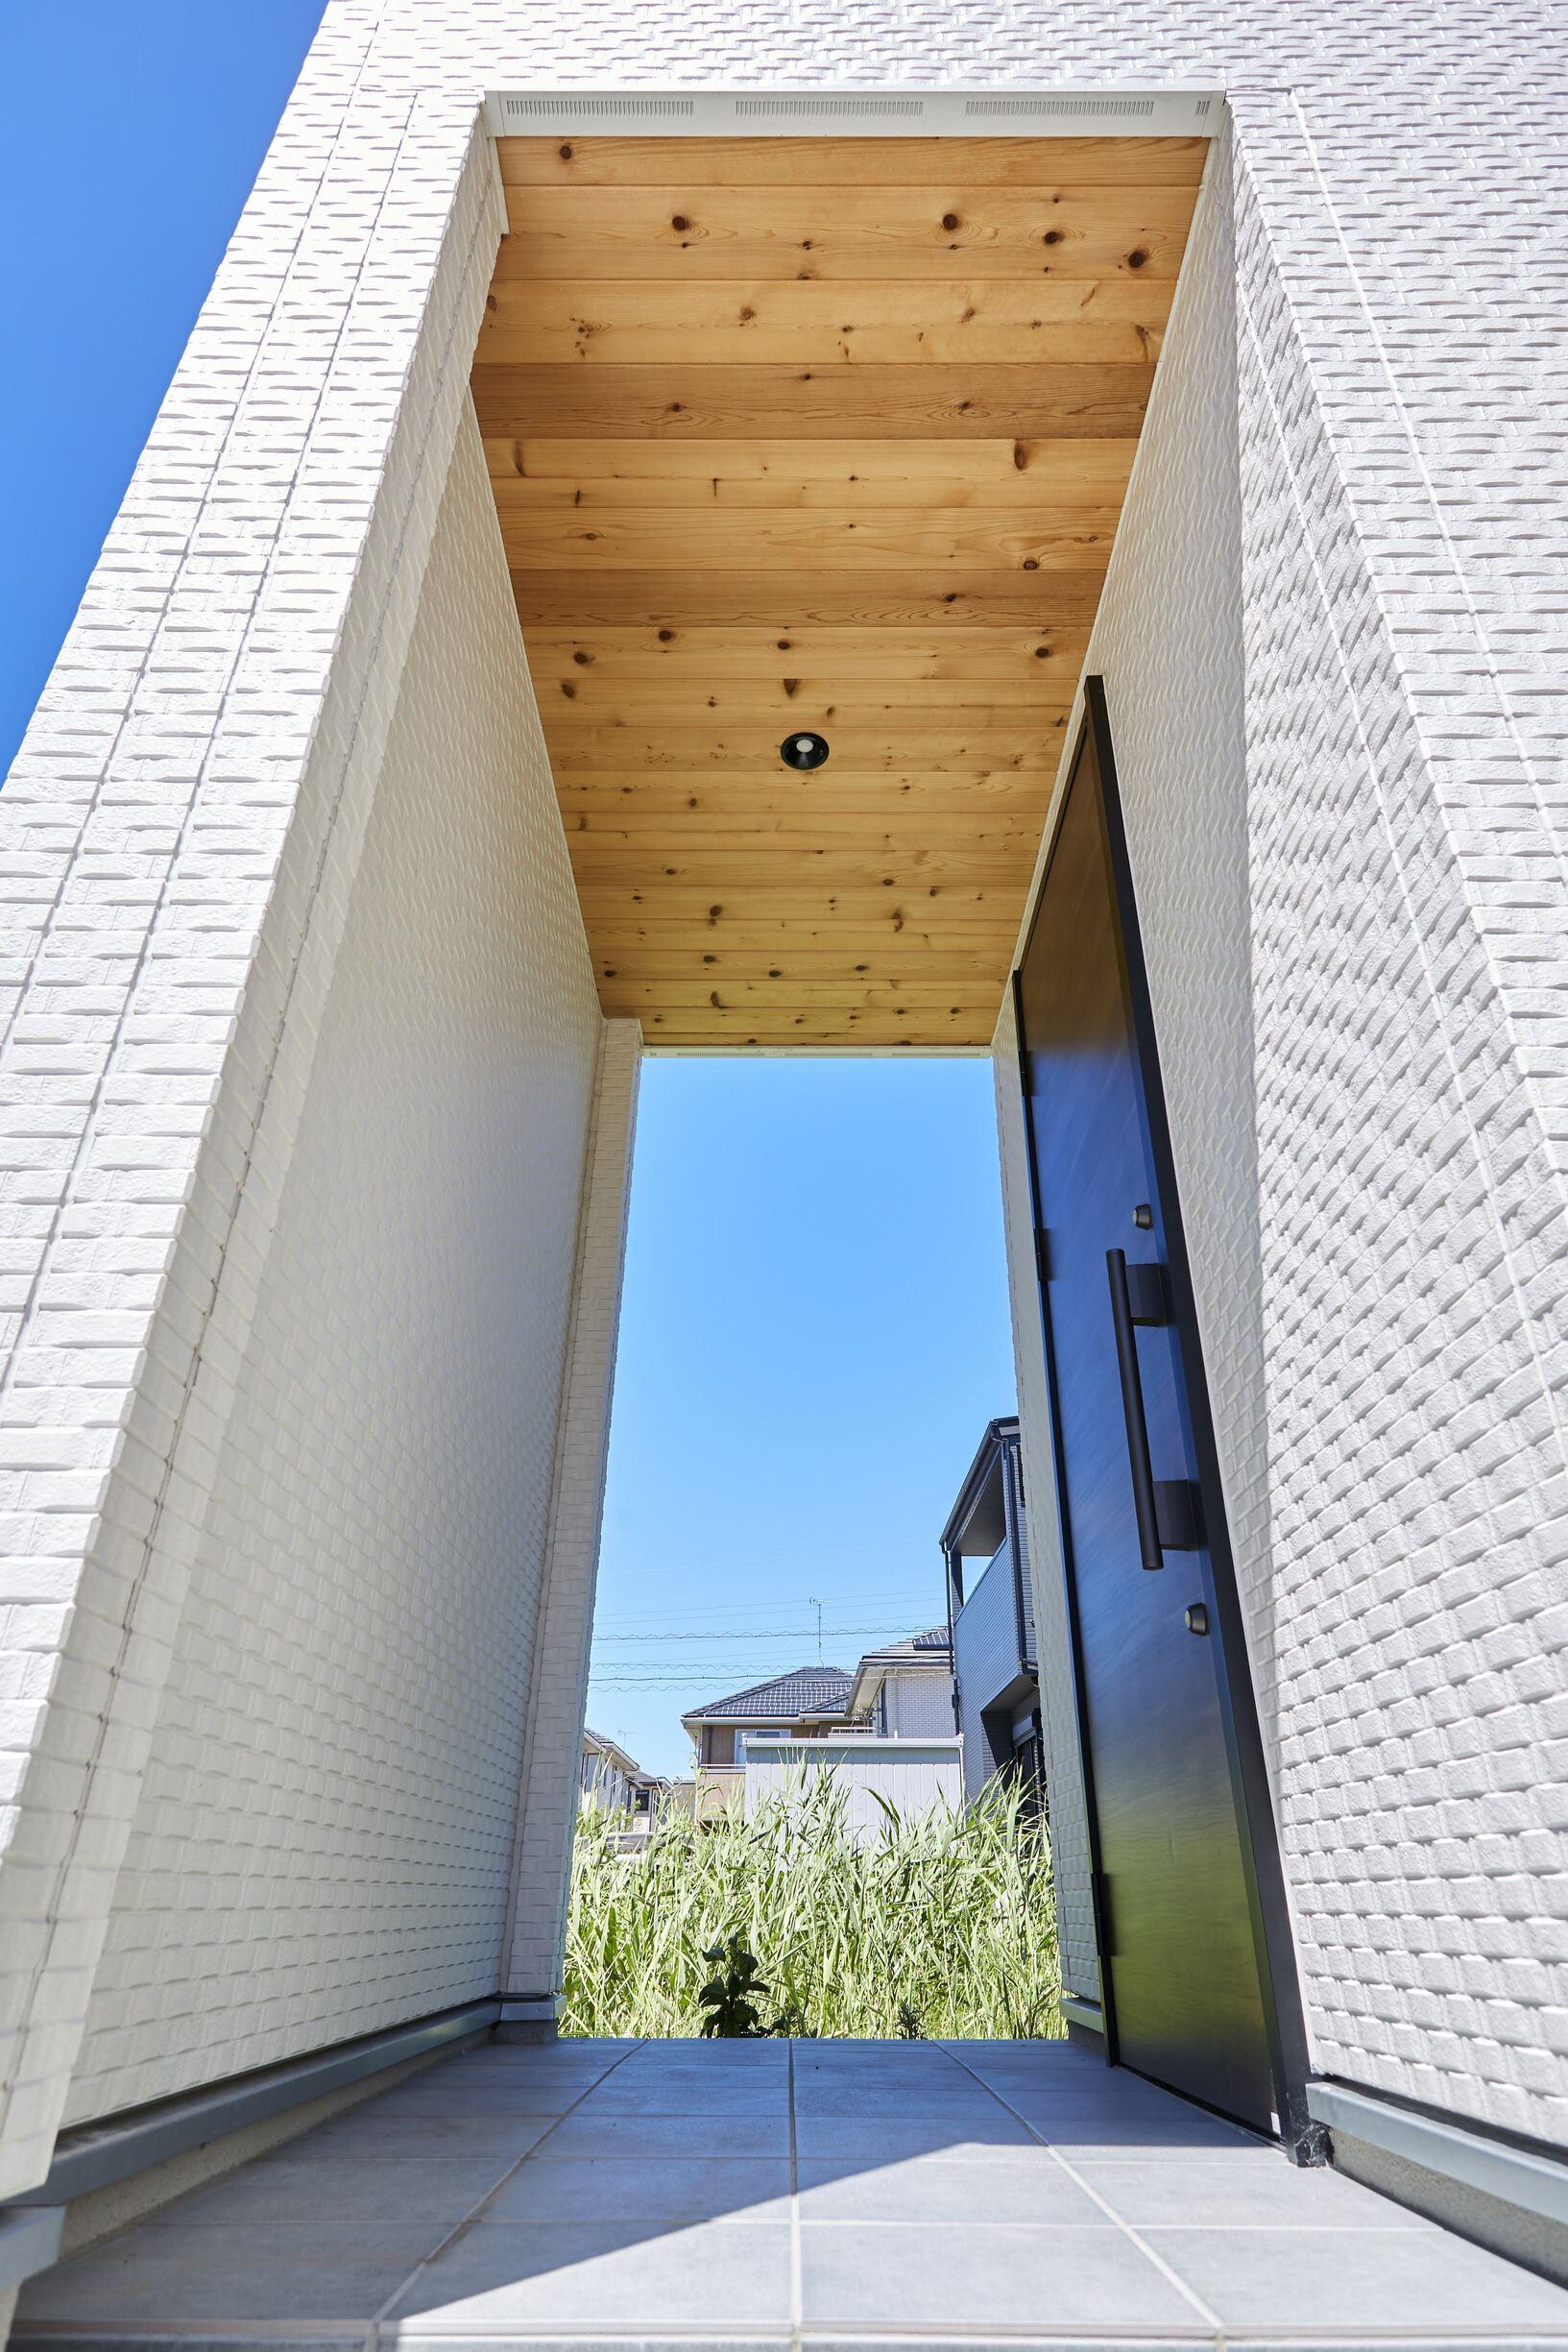 玄関ポーチはホワイトを基調とし、 天井には木材パネルをあしらった